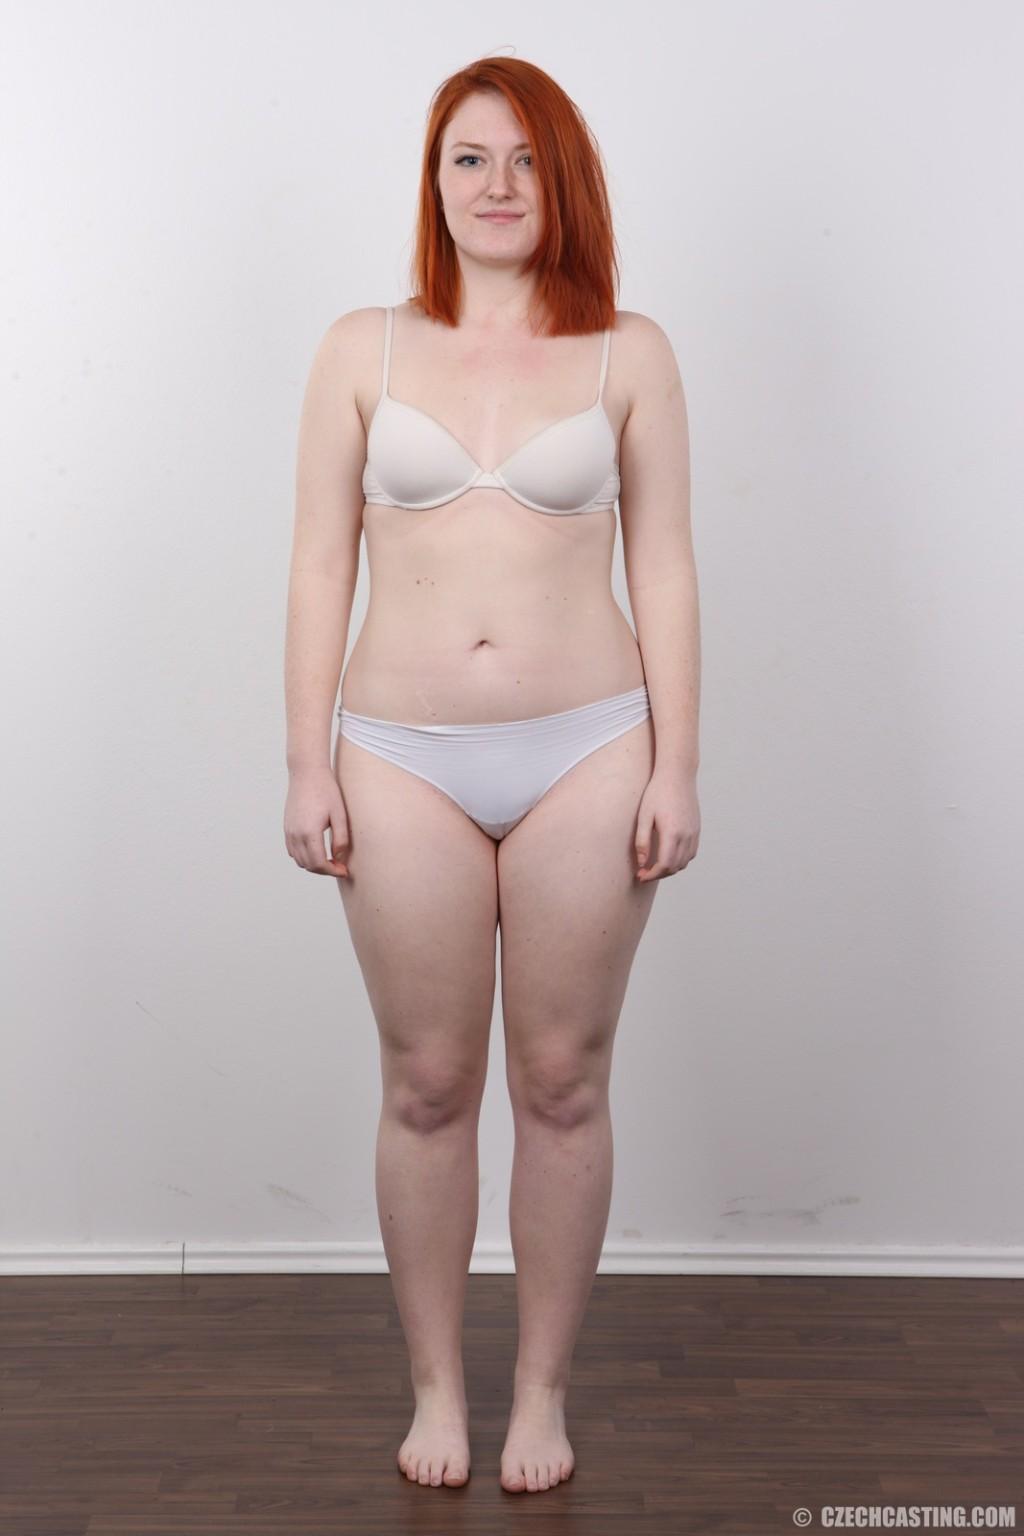 Free nude pics of sara ramirez